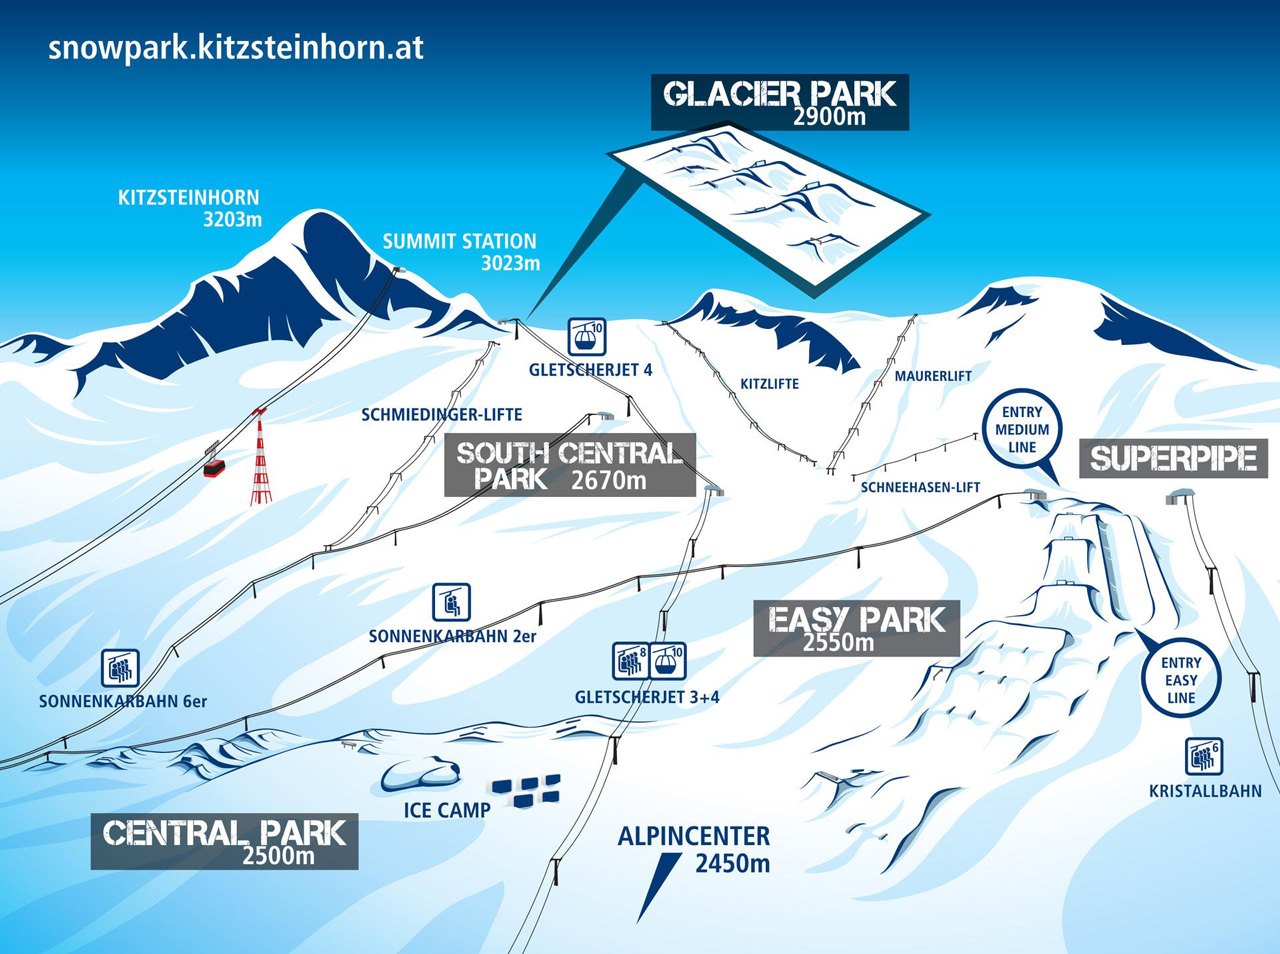 Übersicht über die Snowparks am Kitzsteinhorn |©Kitzsteinhorn